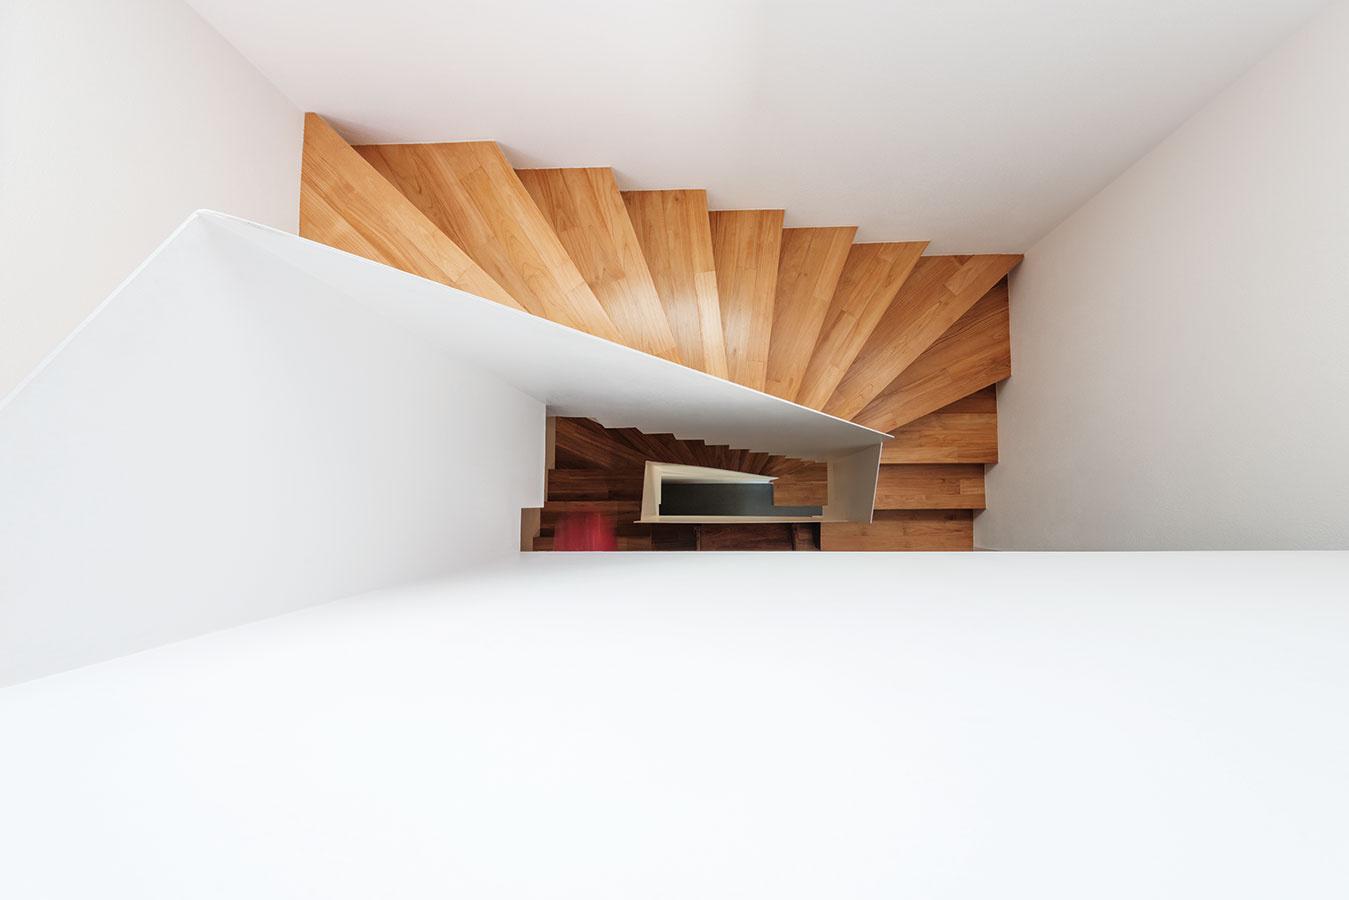 Centrálne schodisko je prvok spoločný pre oba domy. Jeho poloha prispela kminimalizácii komunikačných priestorov aracionálnemu využitiu podlahovej plochy.